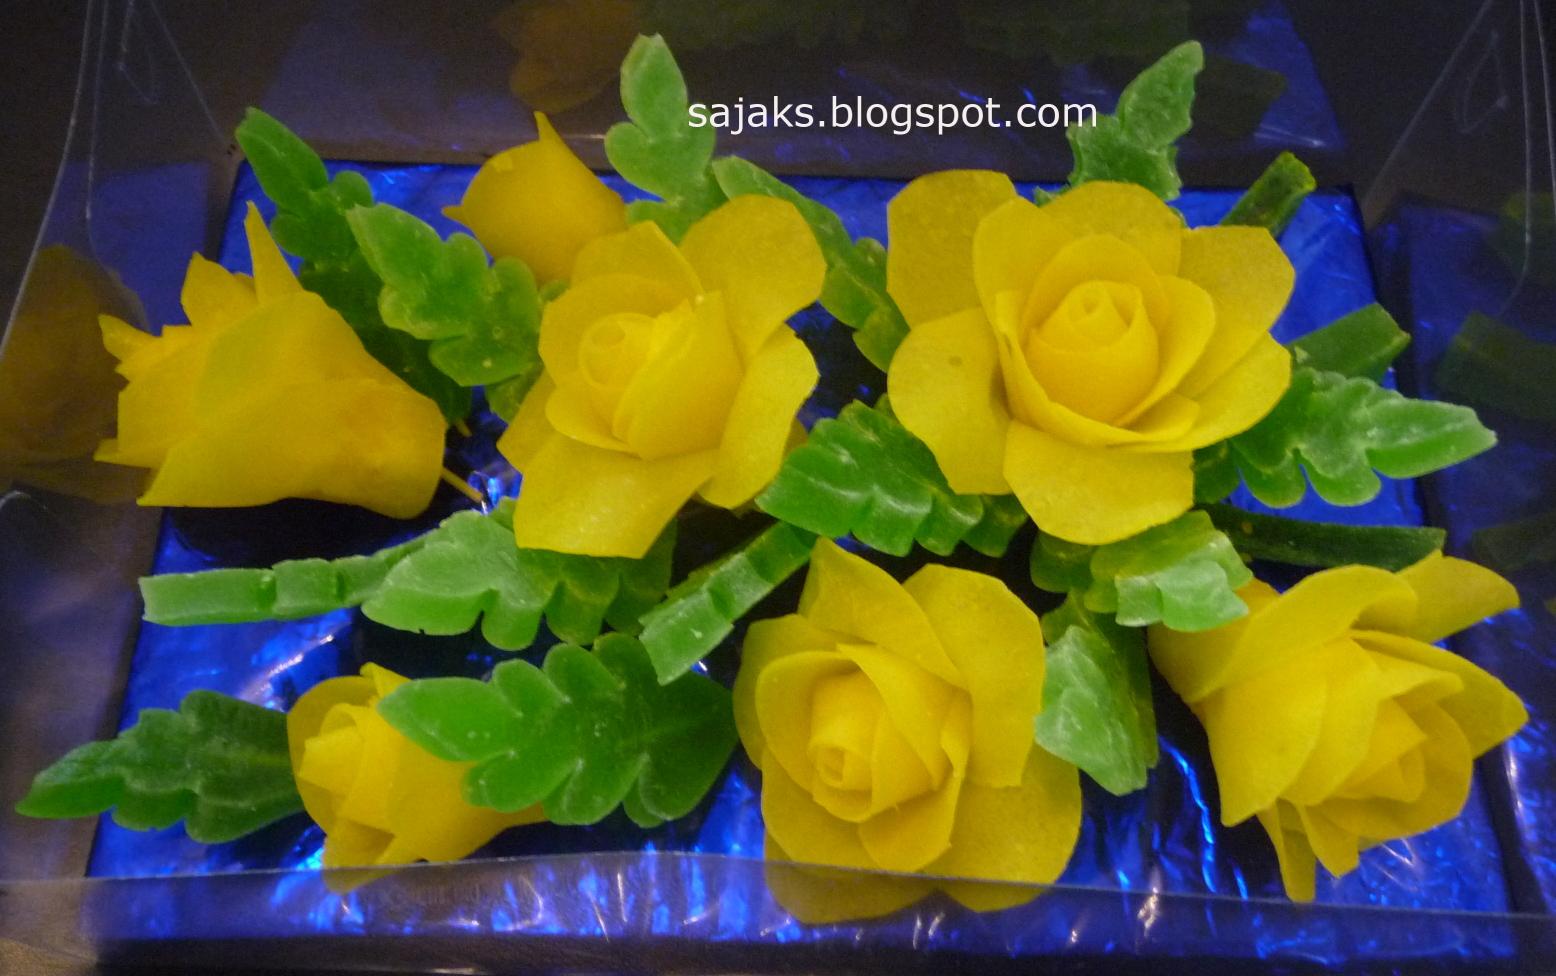 http://3.bp.blogspot.com/-lldICV9FjsY/TcE8u5j9cPI/AAAAAAAAAMg/51RpeNphWJI/s1600/may-01.JPG